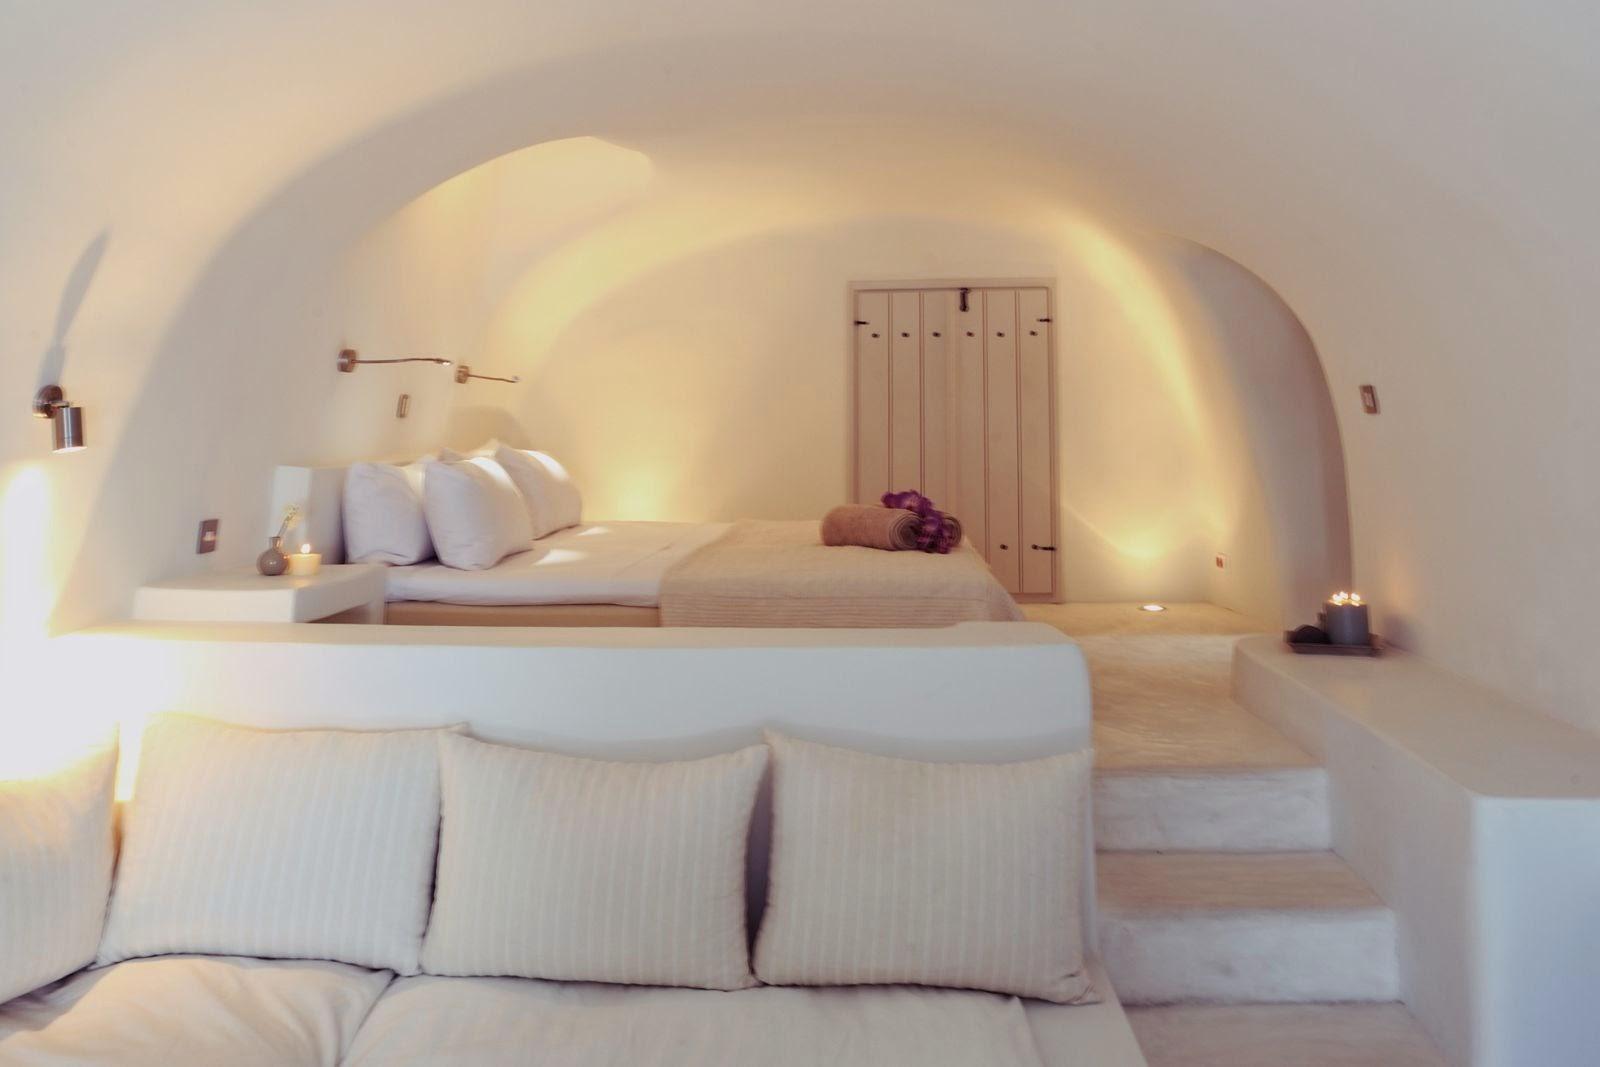 desain langit-langit unik kamar tidur di santorini